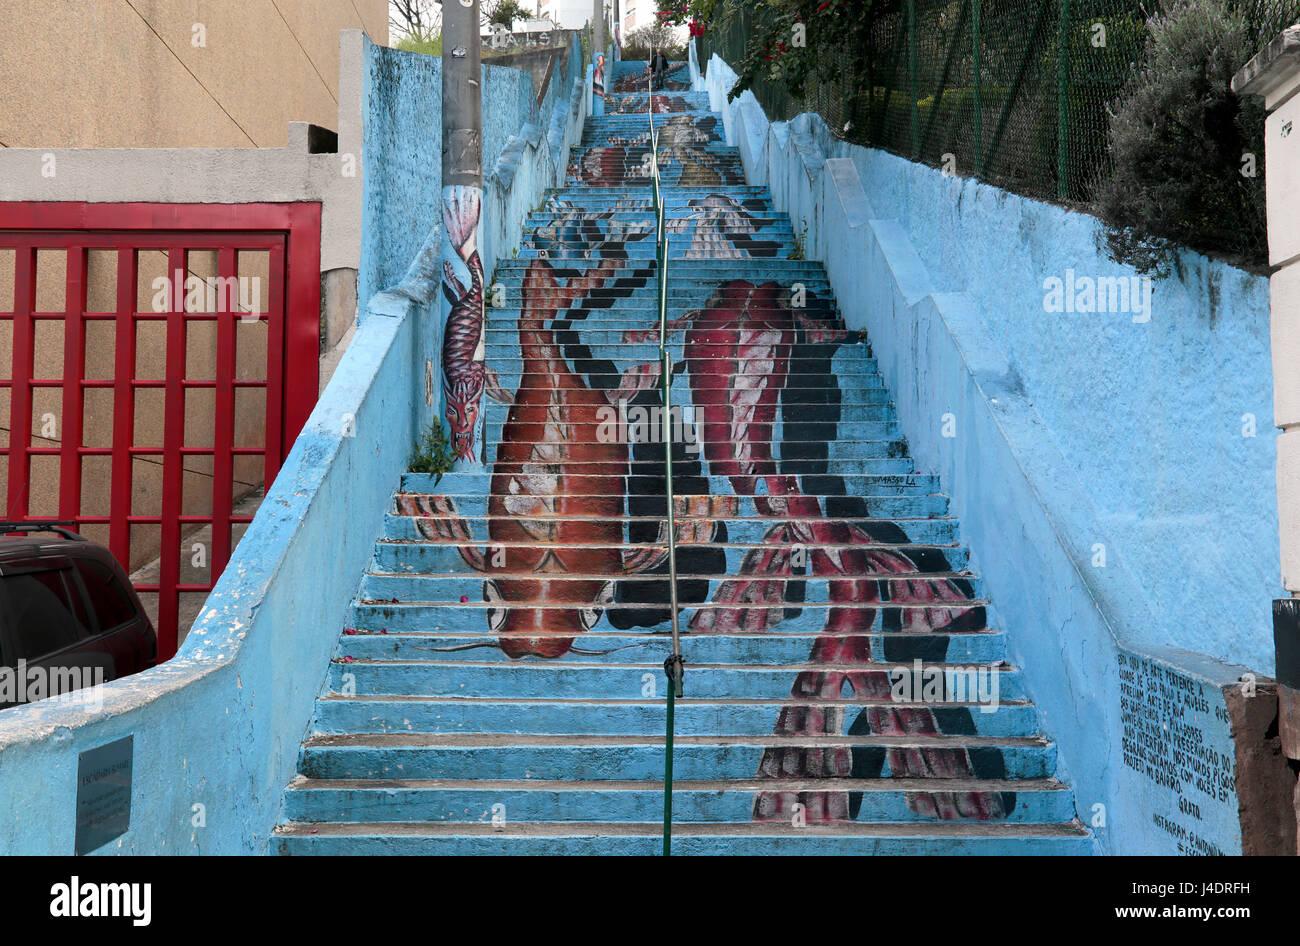 Graffiti su una scala nella città di Sao Paulo - Brasile Immagini Stock